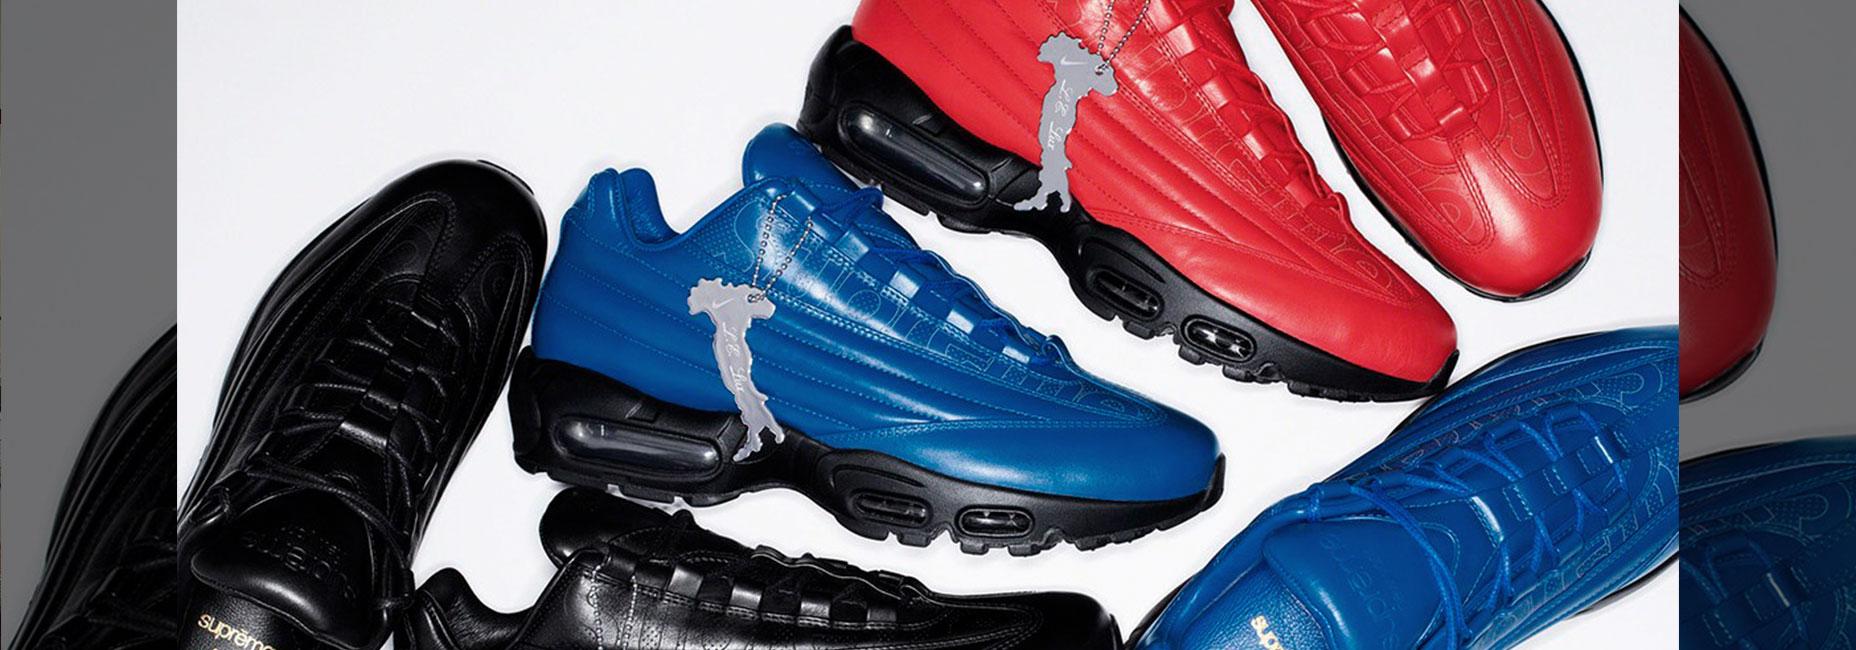 Supreme y Nike lanzan unos Air Max 95 de lujo